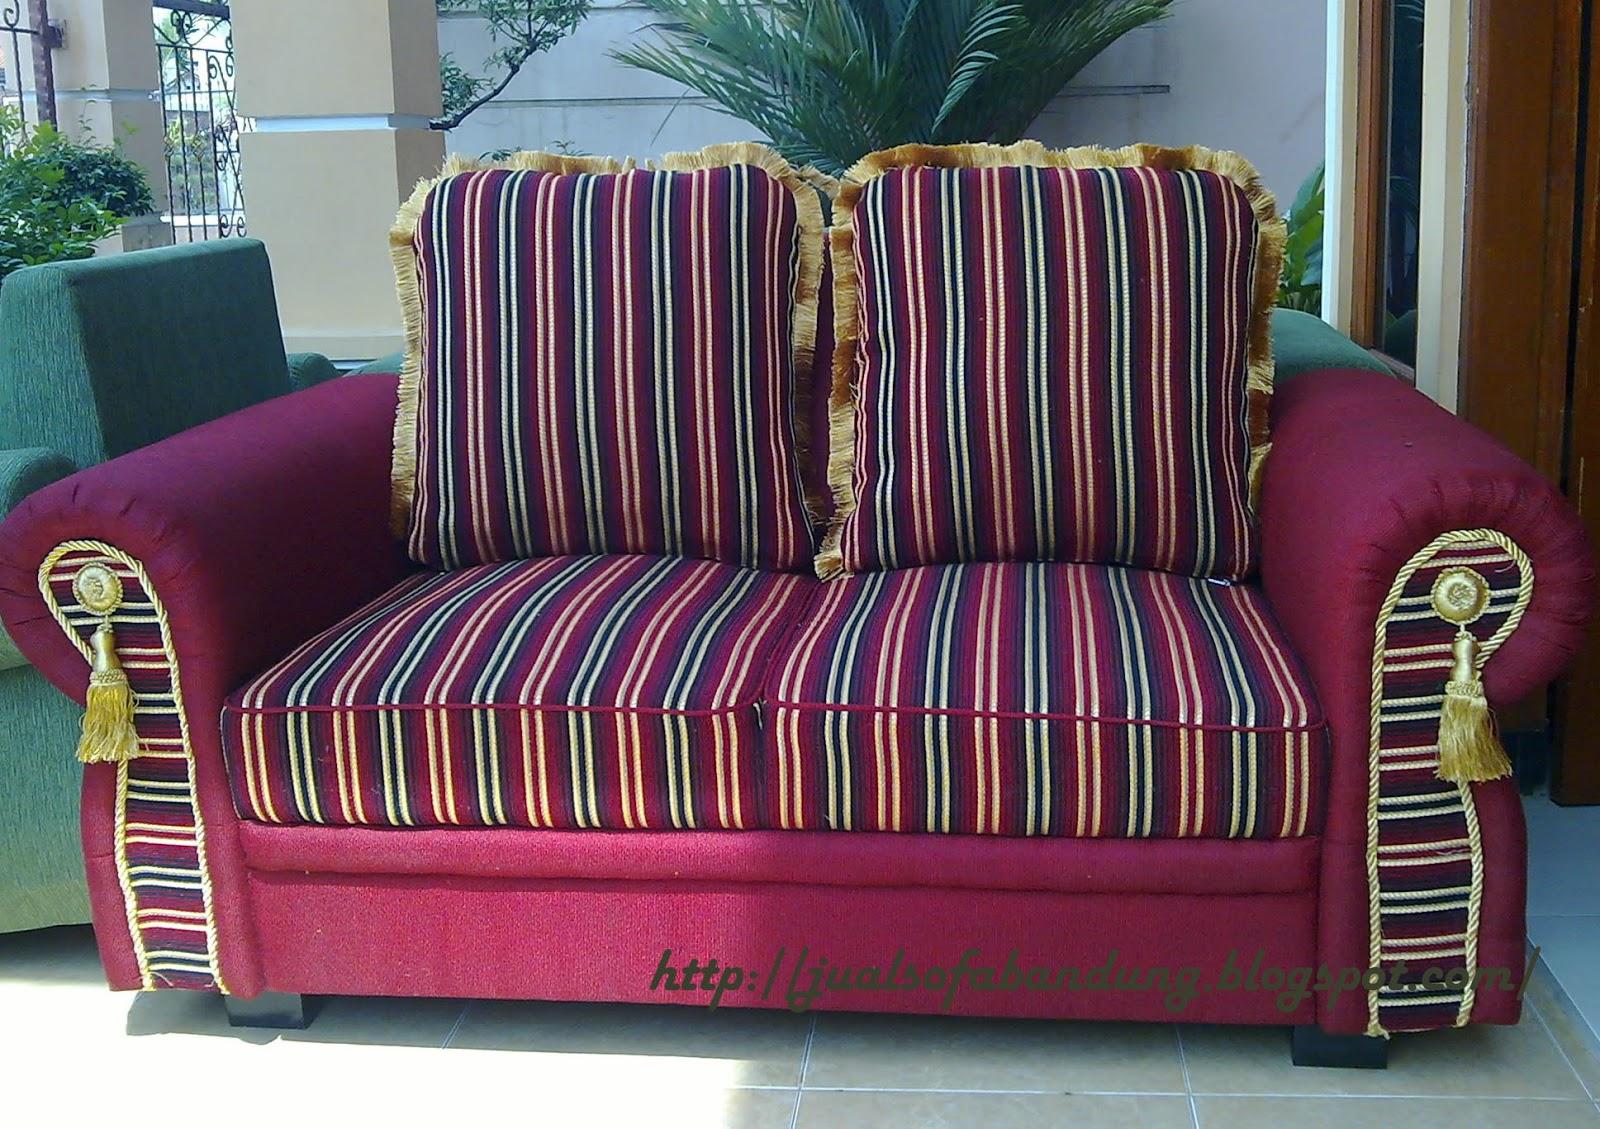 jual sofa bed murah di jakarta selatan lazy boy sectional tangerang informasi beli